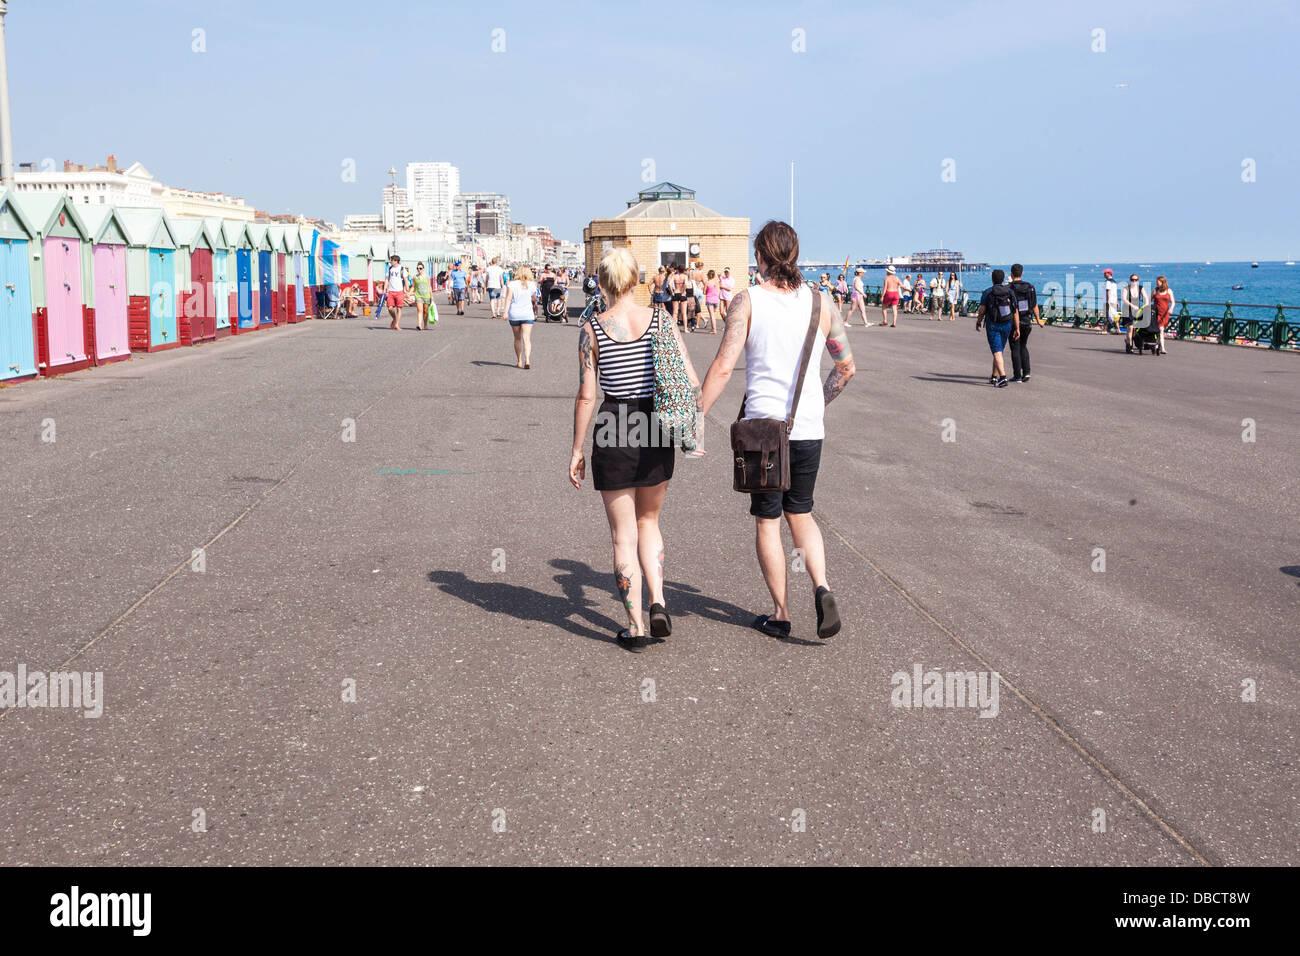 Los peatones pasear junto al mar, Brighton, Inglaterra, Reino Unido. Imagen De Stock